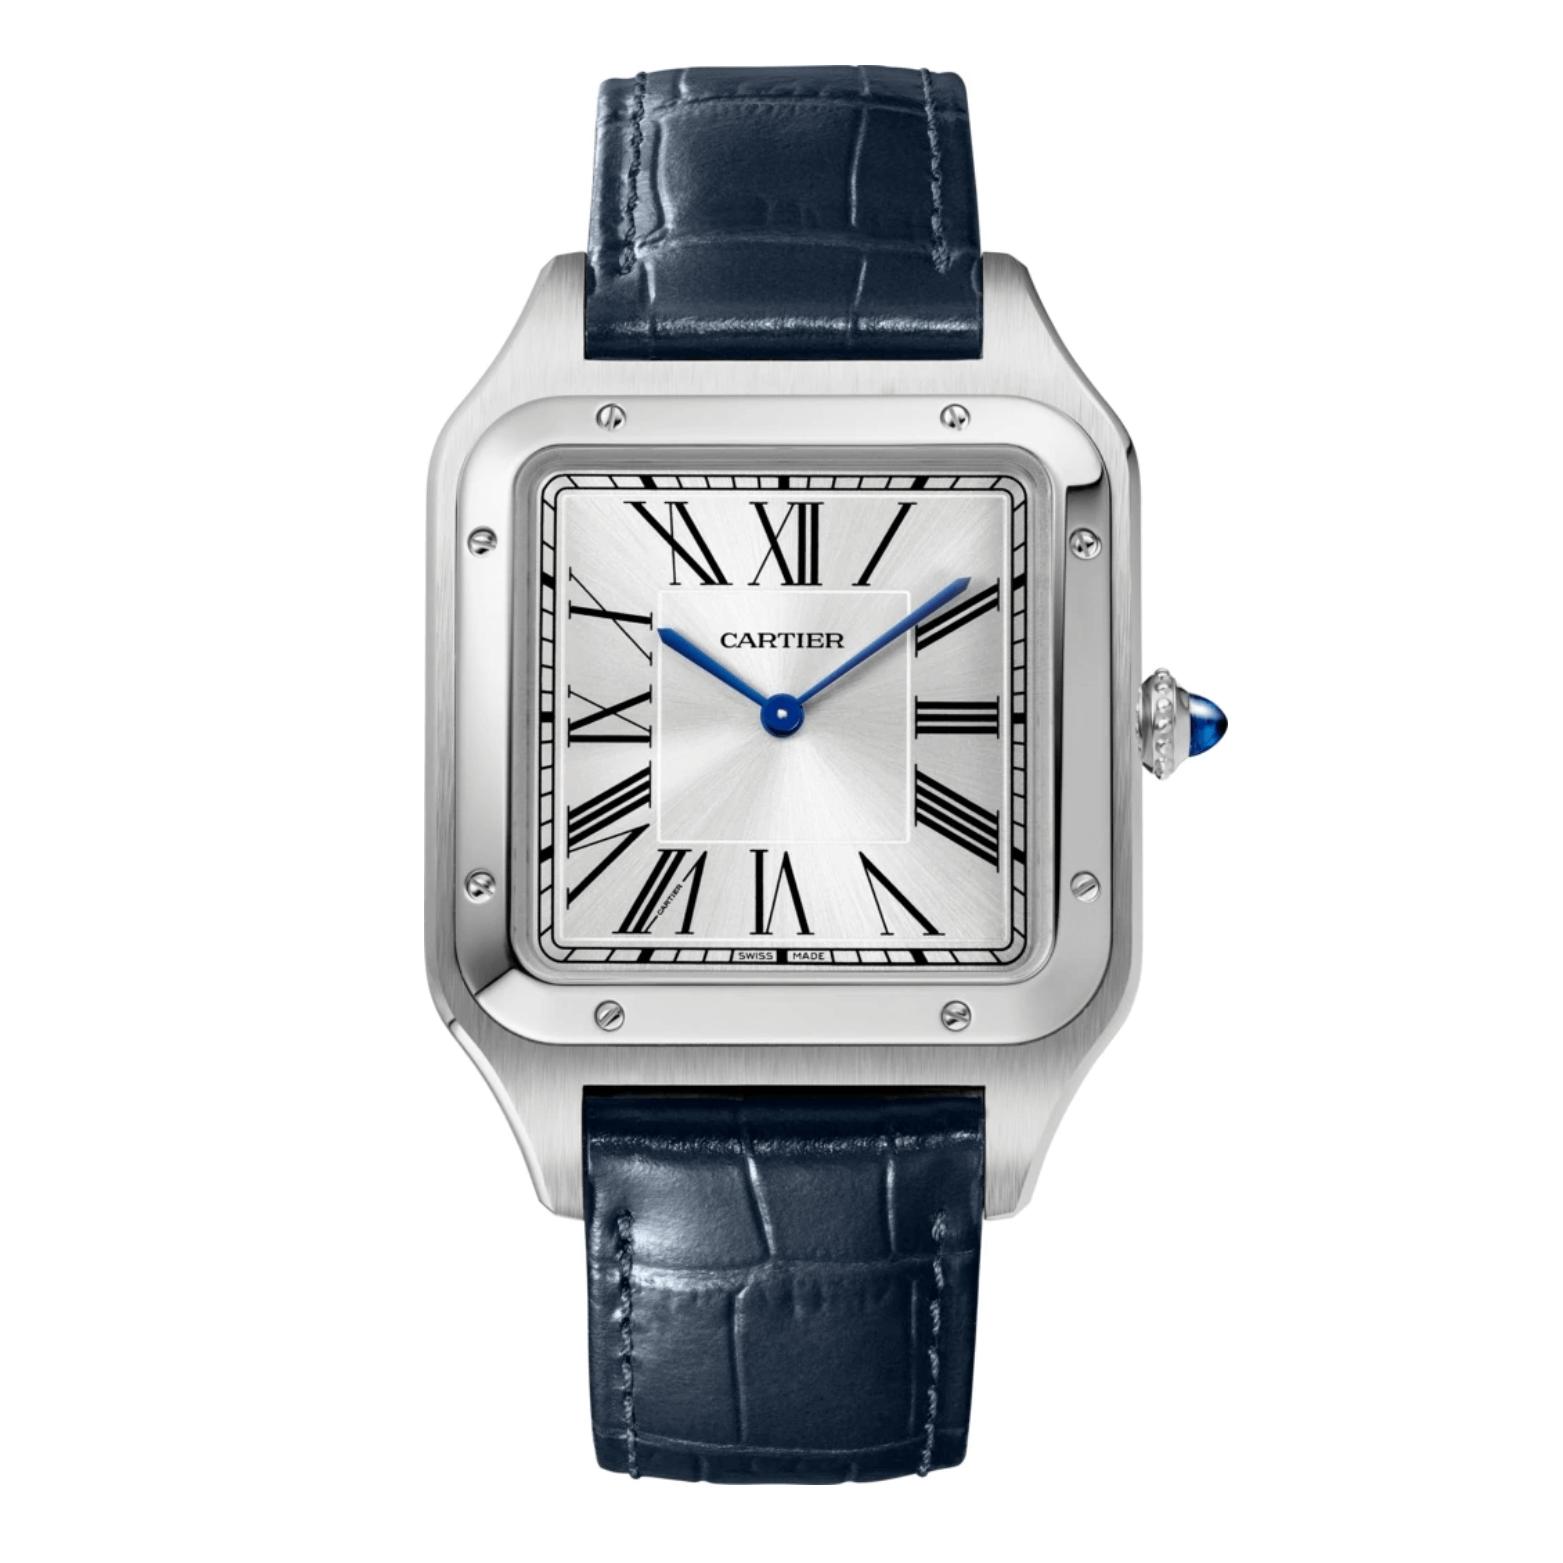 SANTOS-DUMONT特大精鋼腕錶($44,100, Cartier)